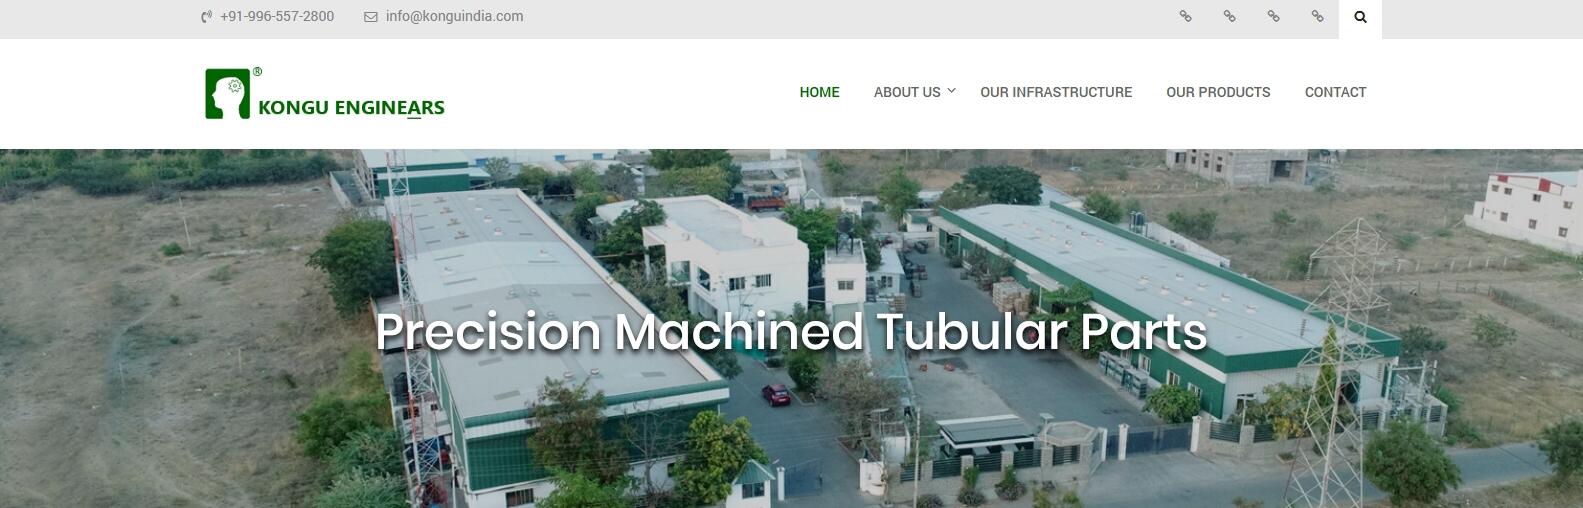 konguindia-homepage-a